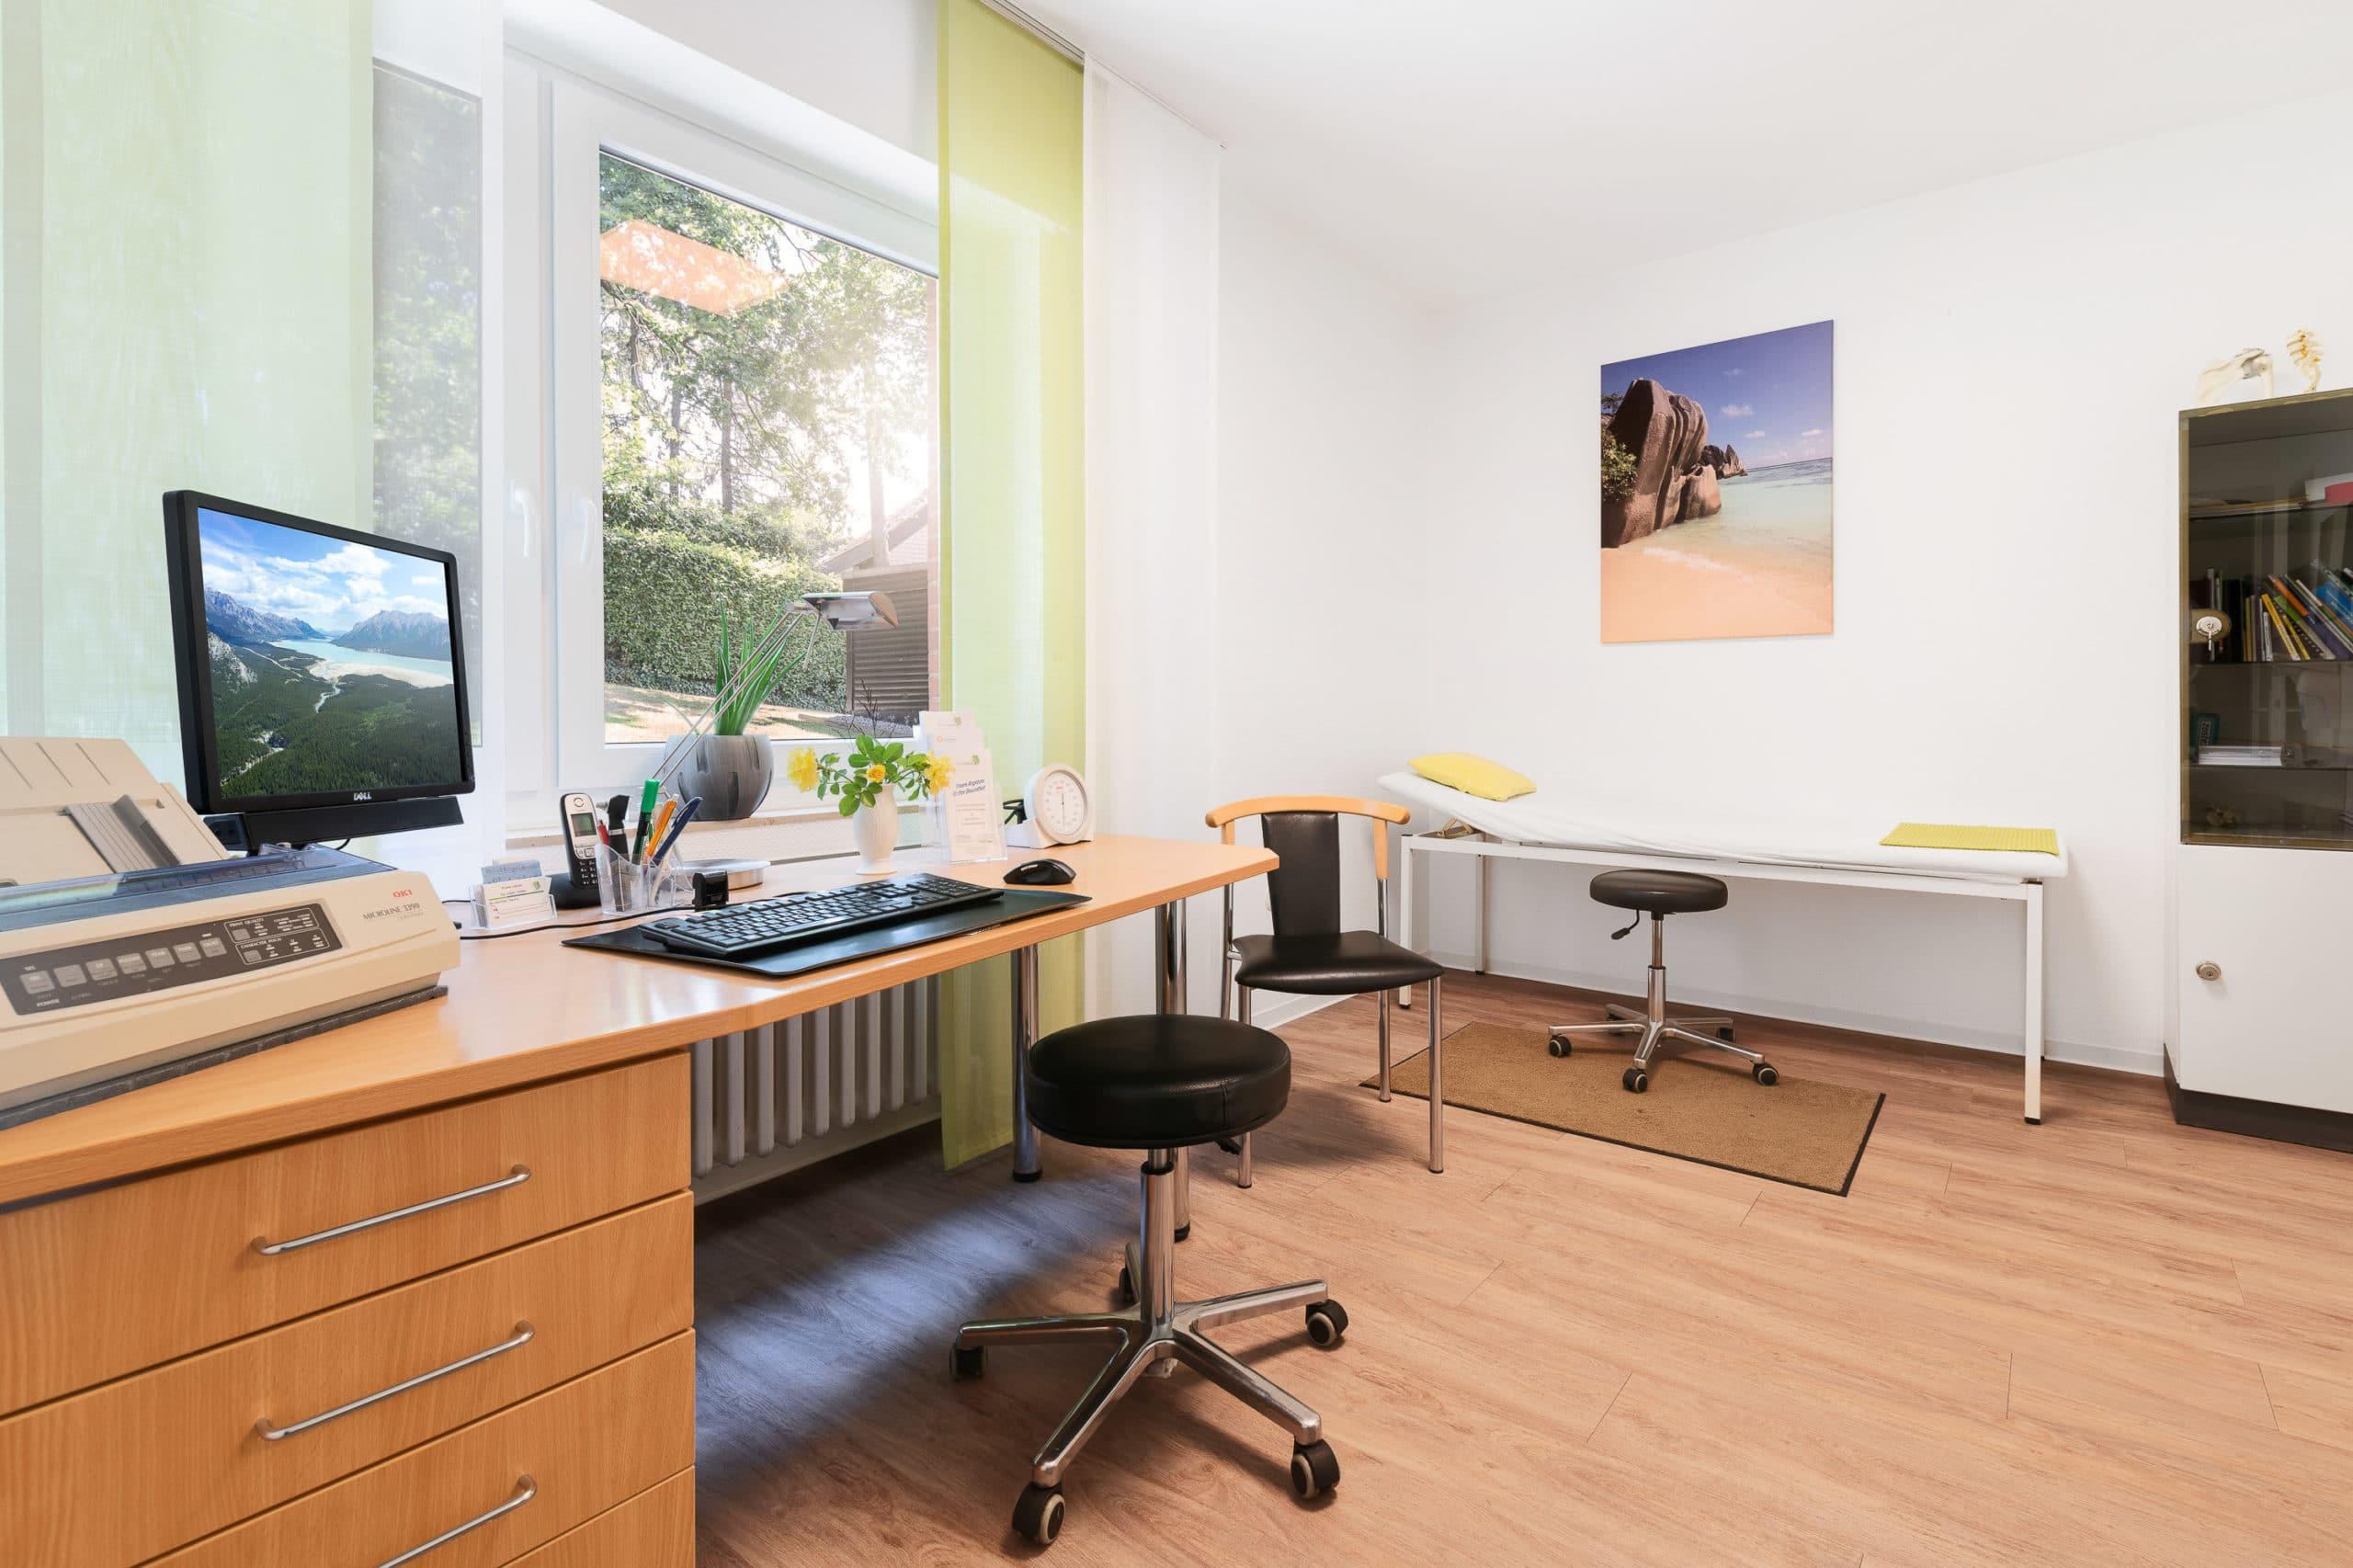 Interieur Aufnahme des dritten Behandlungszimmers einer Arztpraxis im Münsterland |Architekturfotograf für Praxisfotografie in Osnabrück Münster Bielefeld NRW Niedersachsen und bundesweit